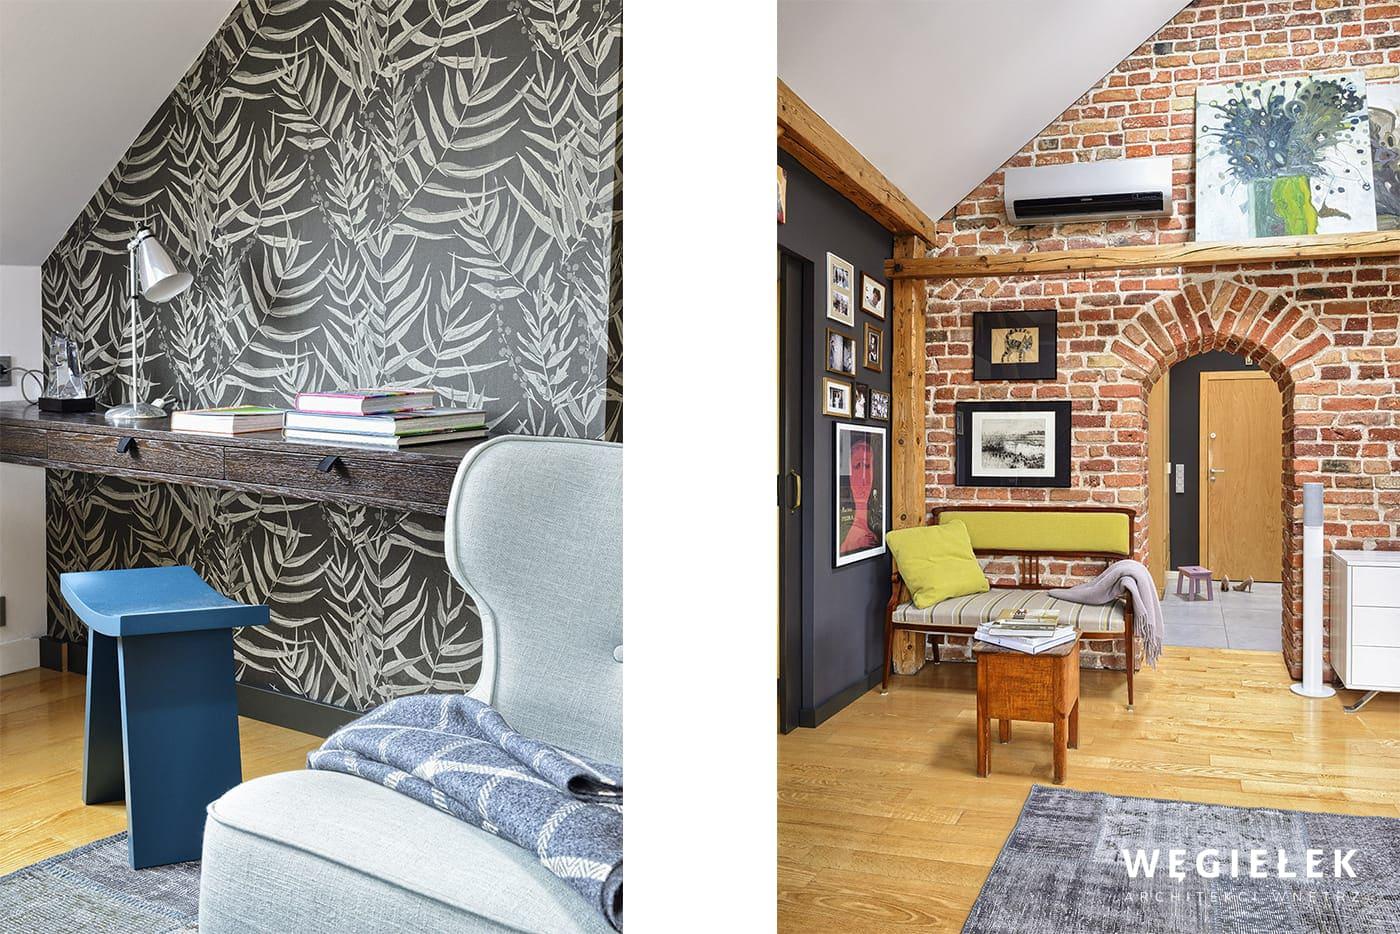 Biurko zawieszone na ścianie, wykorzystujące przestrzeń we wnęce może zachwycać. Ten pomysł projektanta poddasza jest bardzo praktycznym rozwiązaniem.